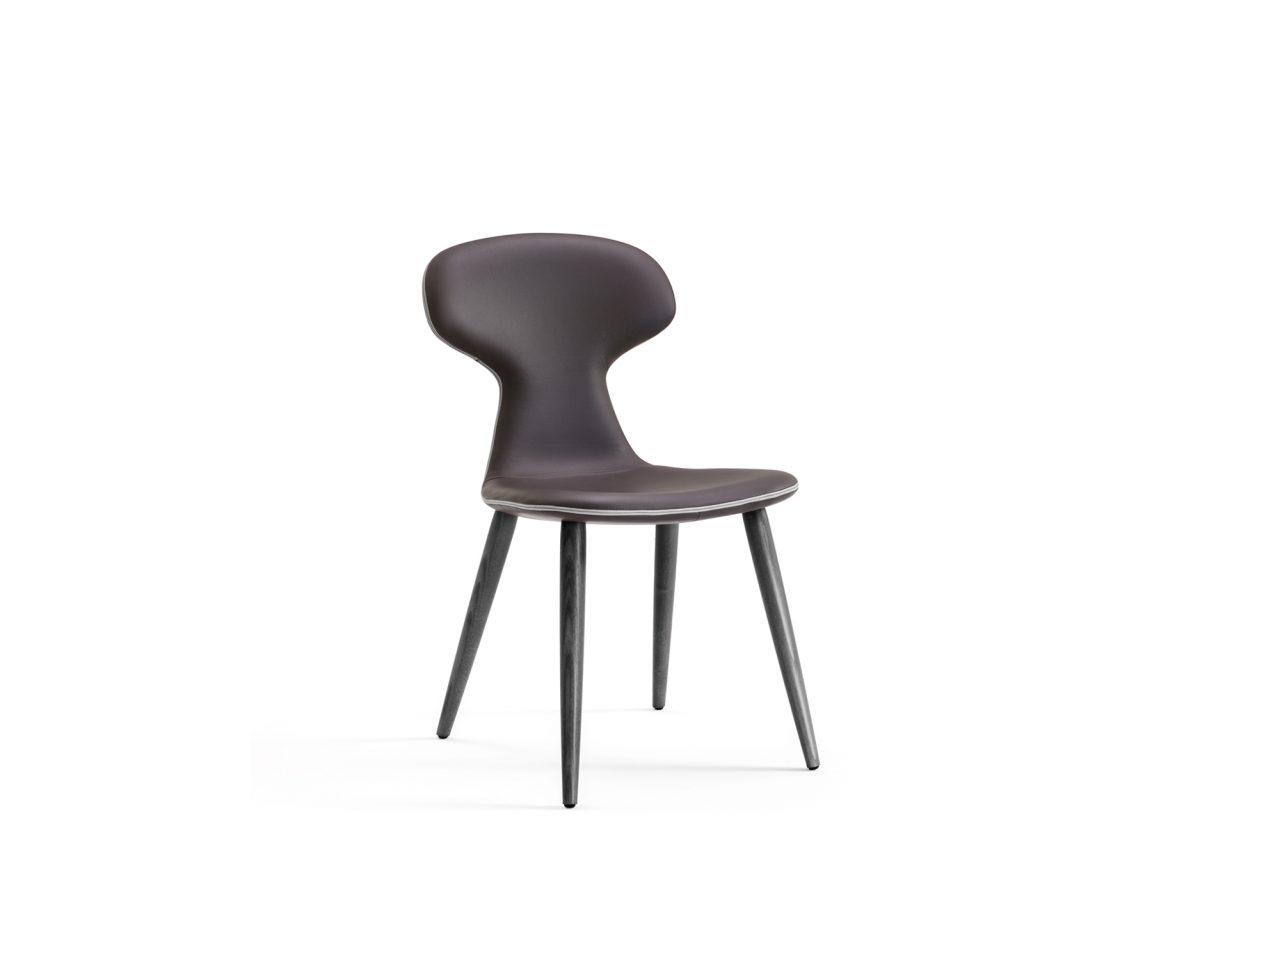 實木傢俬餐椅Agata